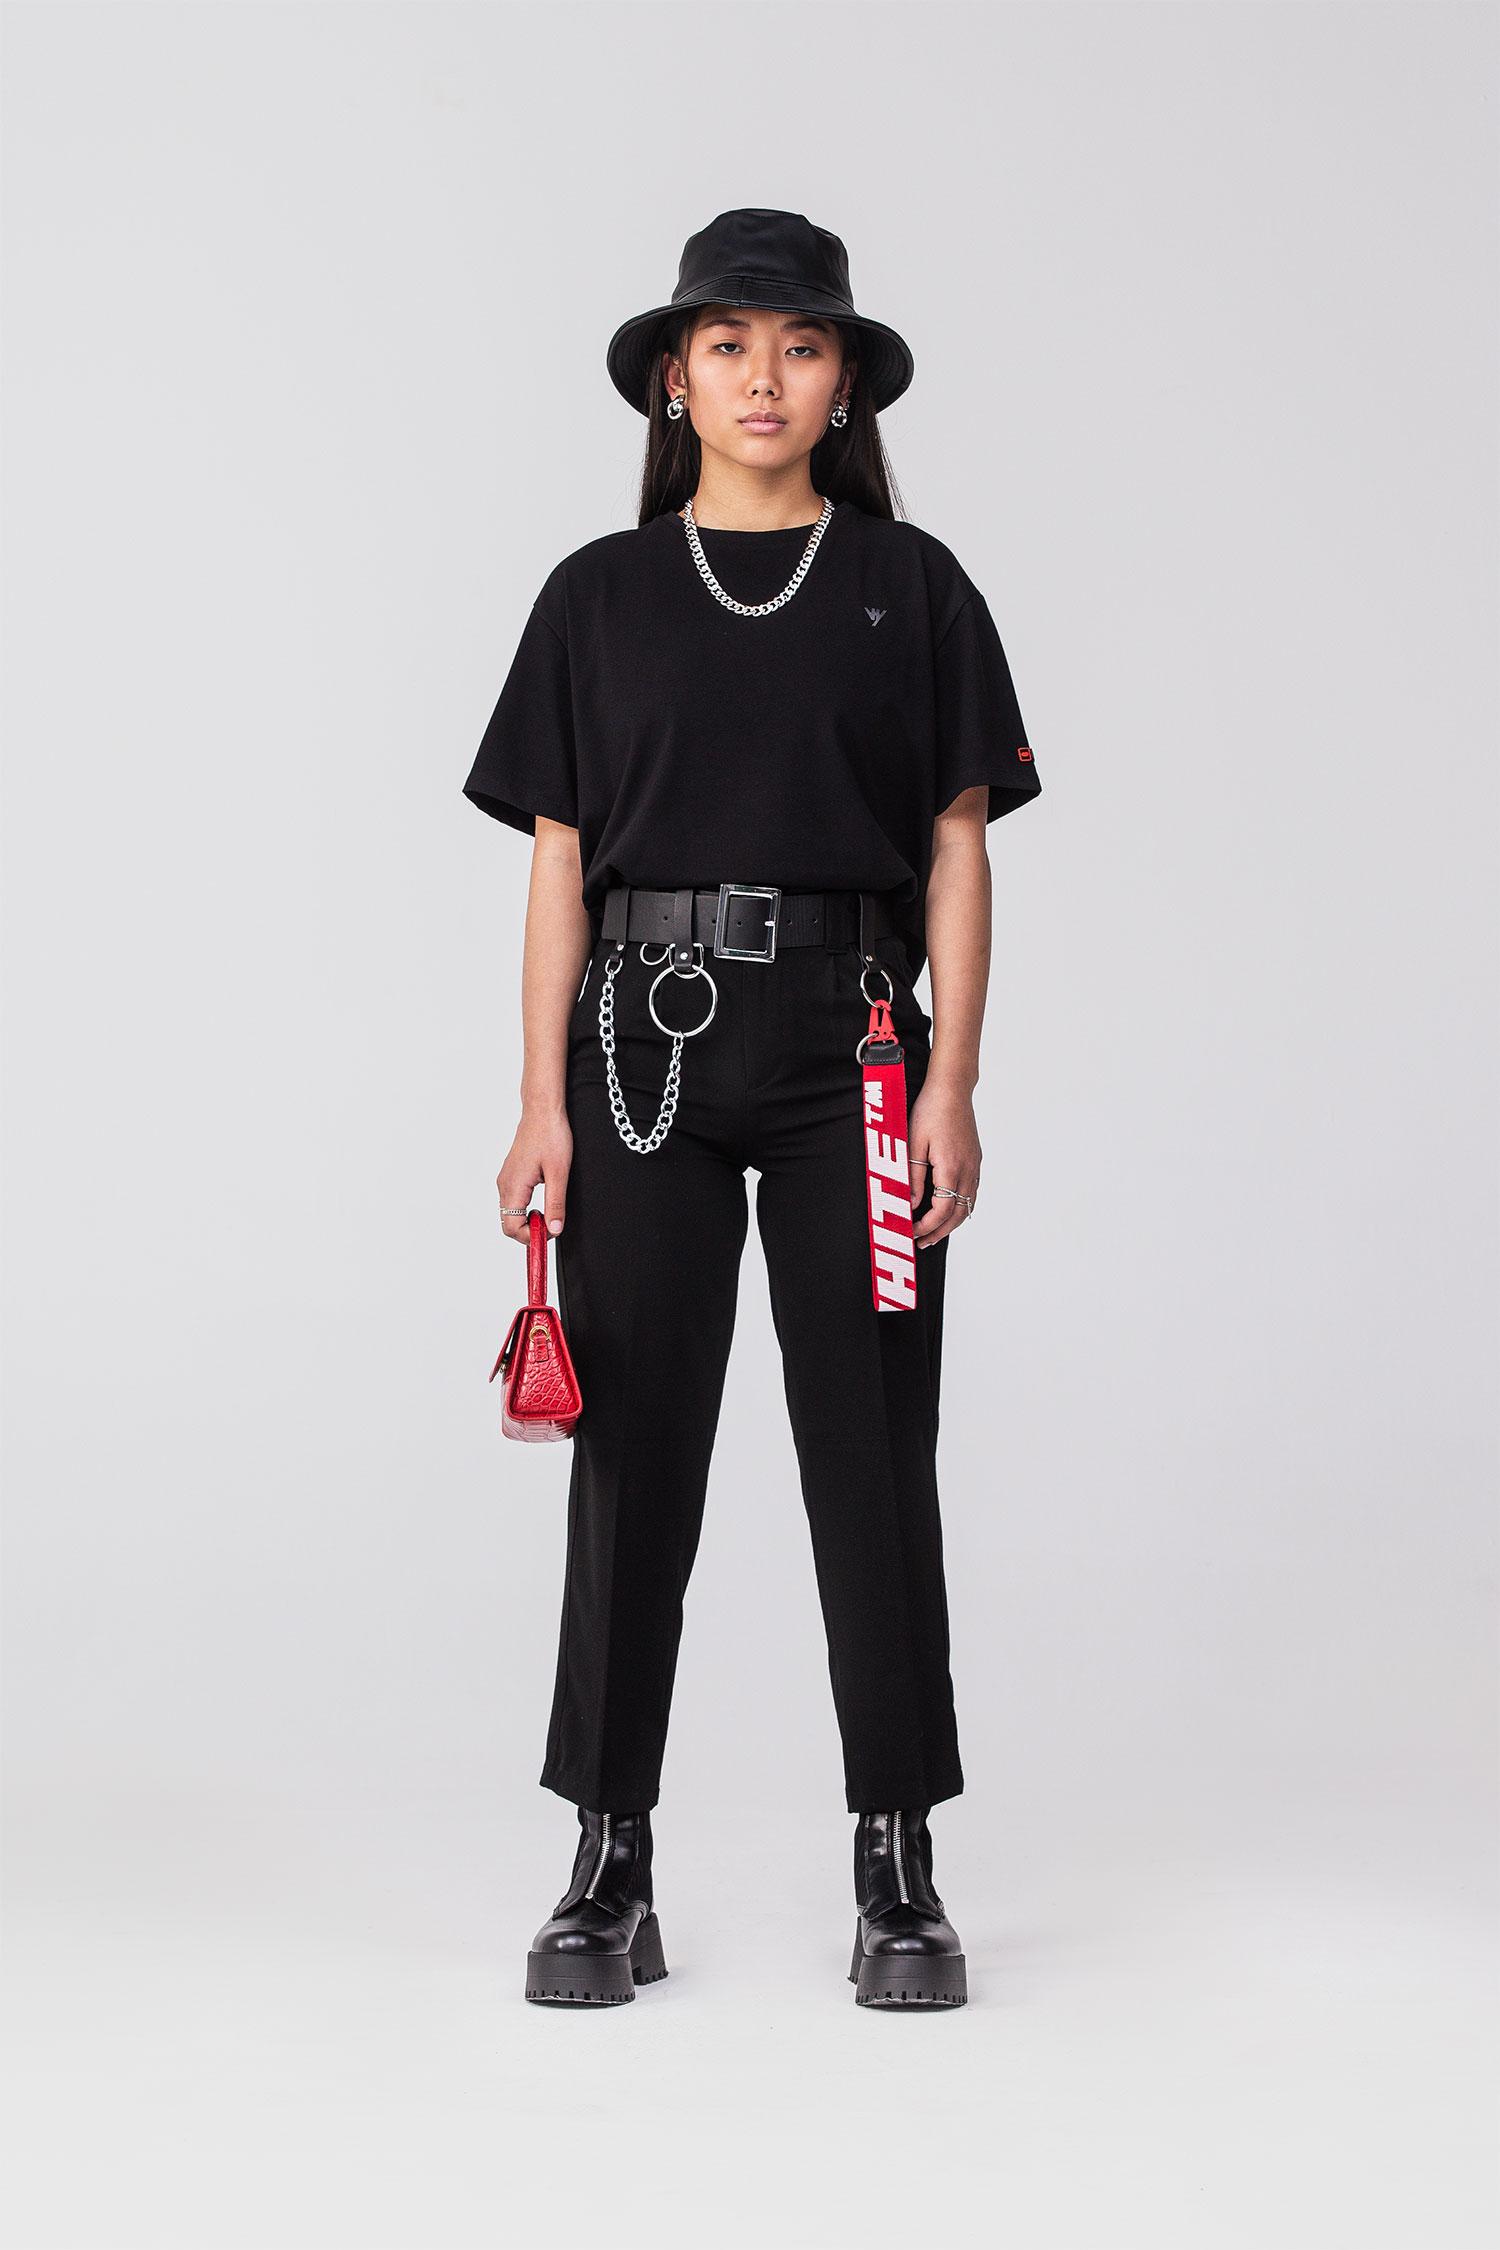 Whylout nos sumerge en su universo digital de moda street